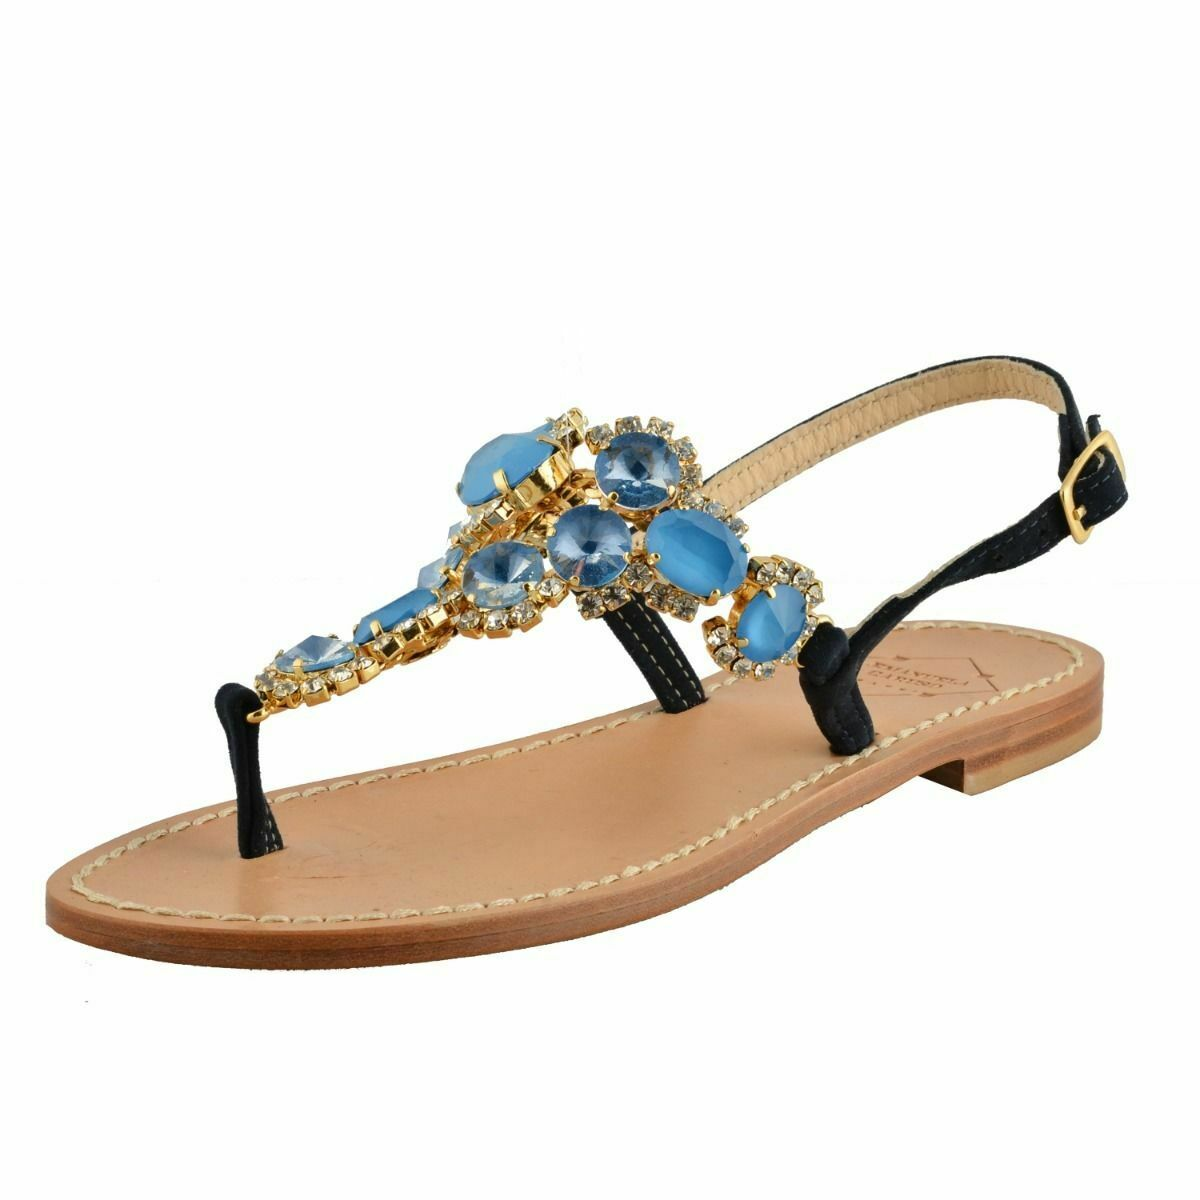 Emanuela Caruso  Capris  Mujer Piedrería Adorno Plano Sandalias Zapatos Tamaño 5